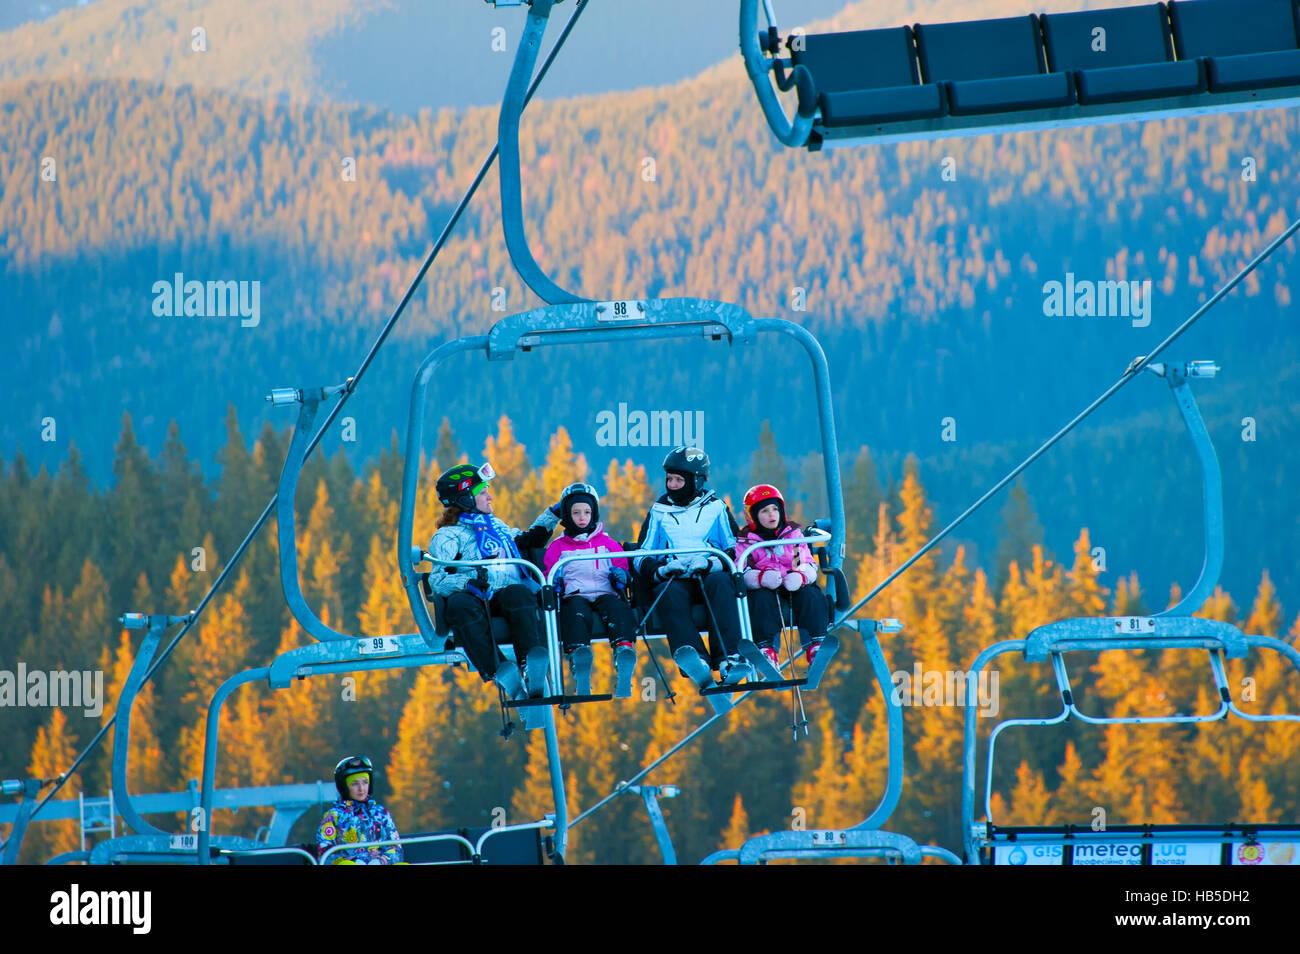 Las mujeres con hijos en un telesquí en Bukovel. Bukovel es la estación de esquí más popular Imagen De Stock